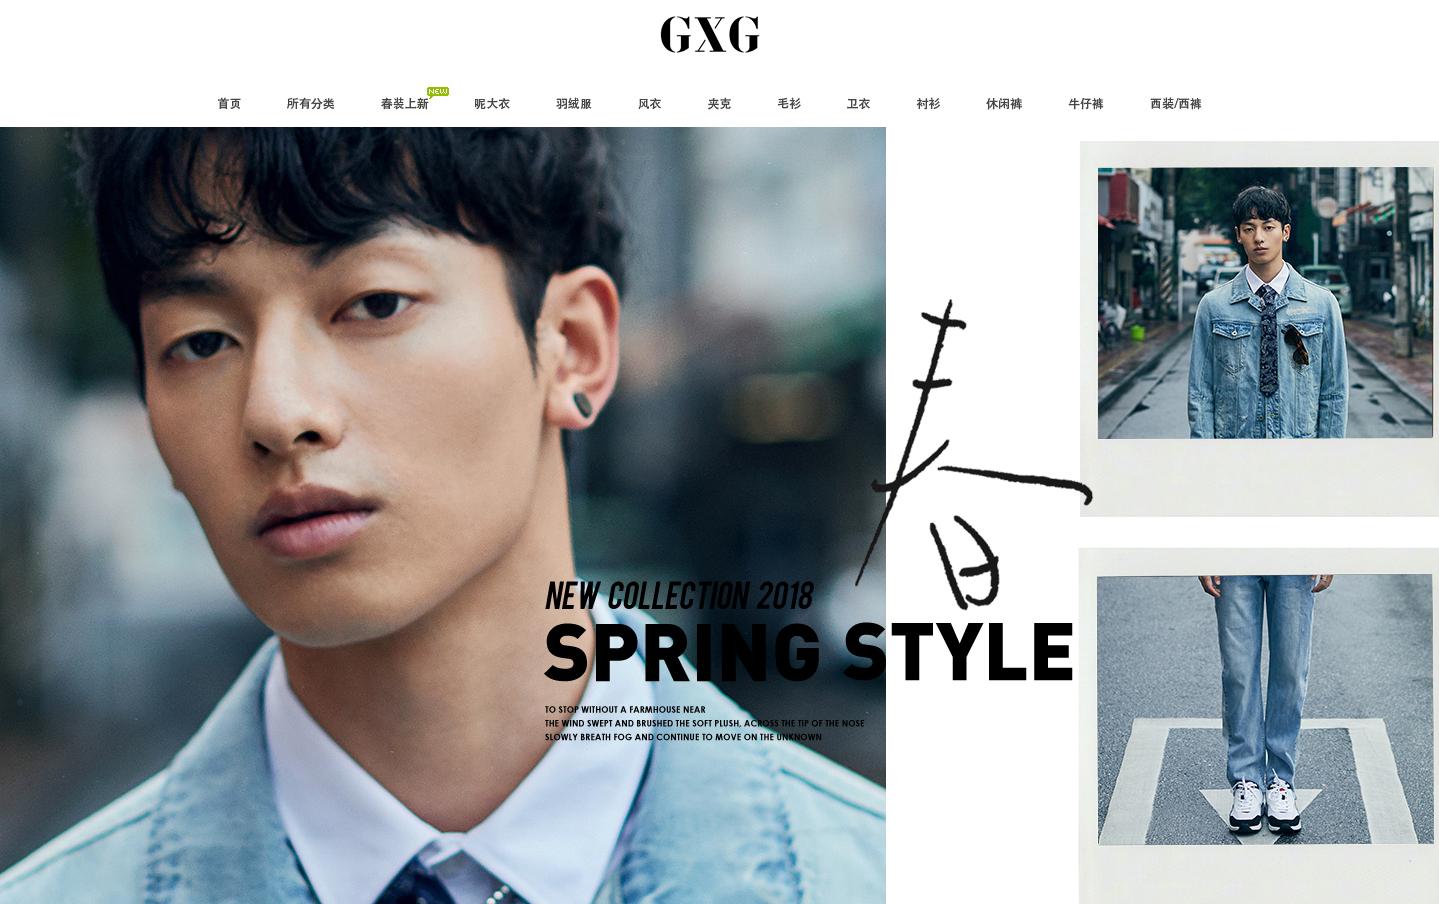 中国男装品牌GXG母公司慕尚集团通过港交所聆讯,IPO在即